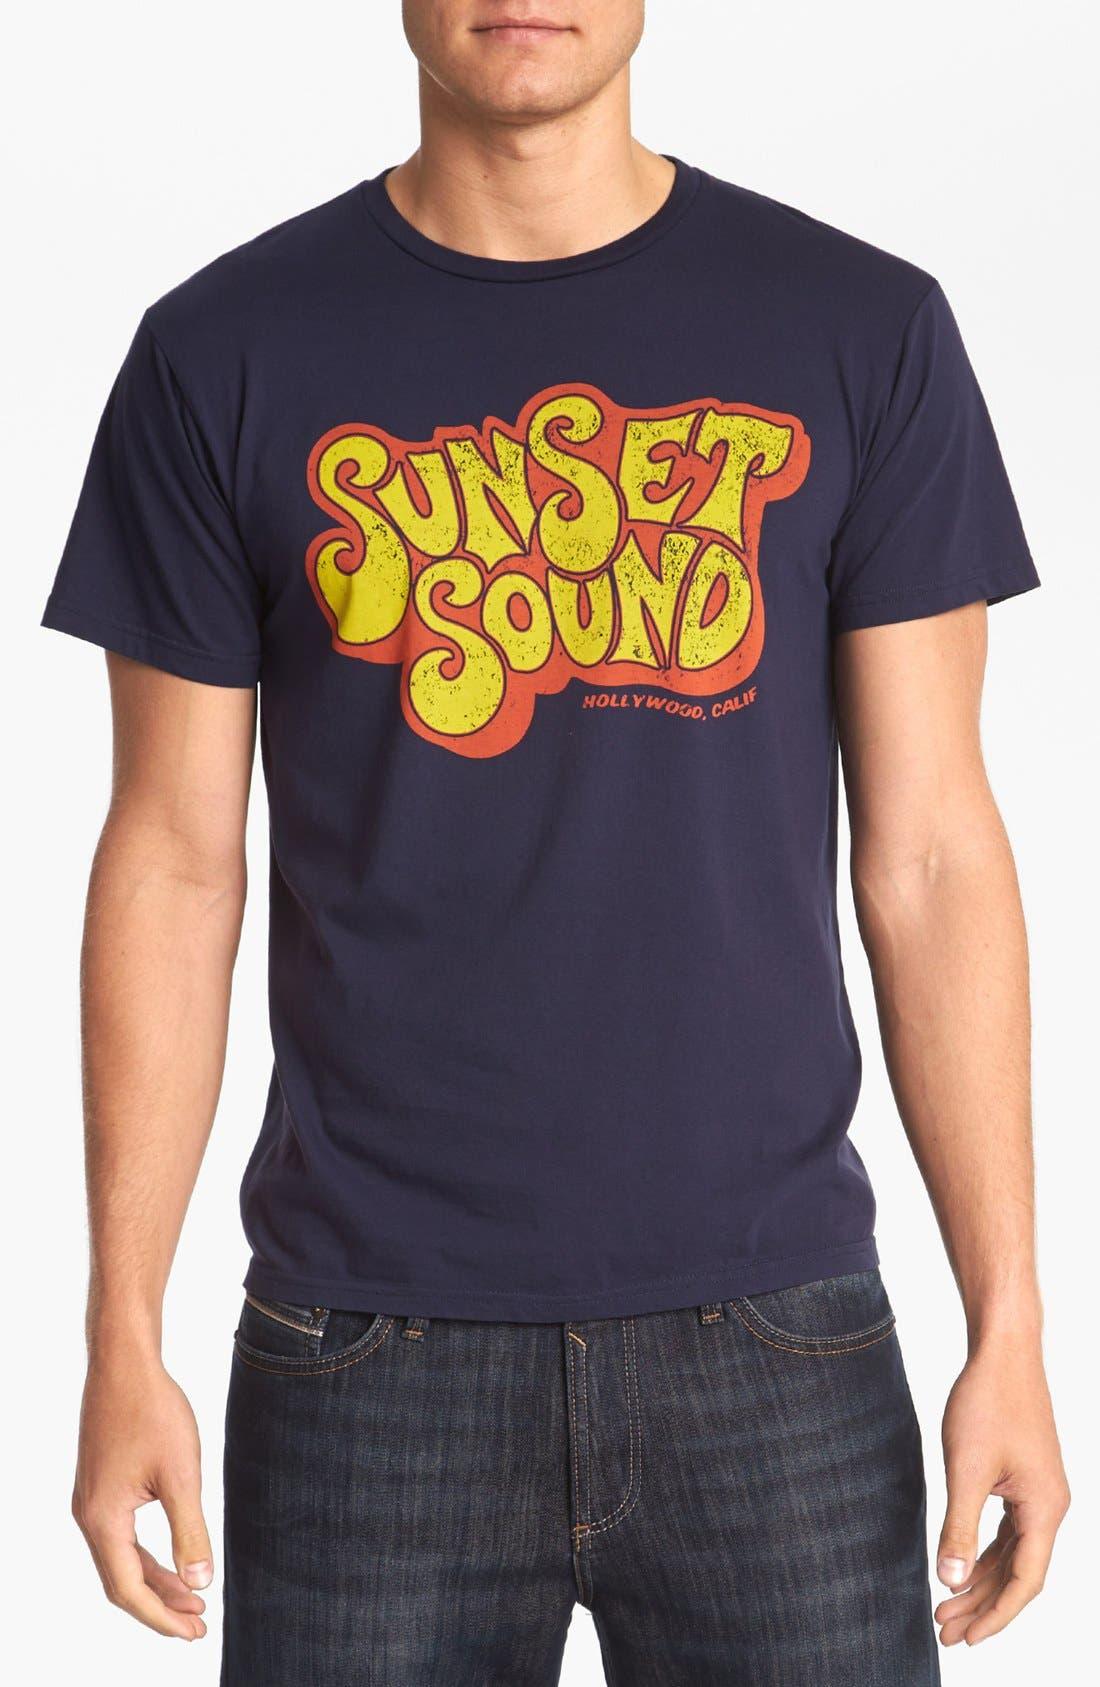 HORSES CUT SHOP 'Sunset Sound' T-Shirt, Main, color, 410